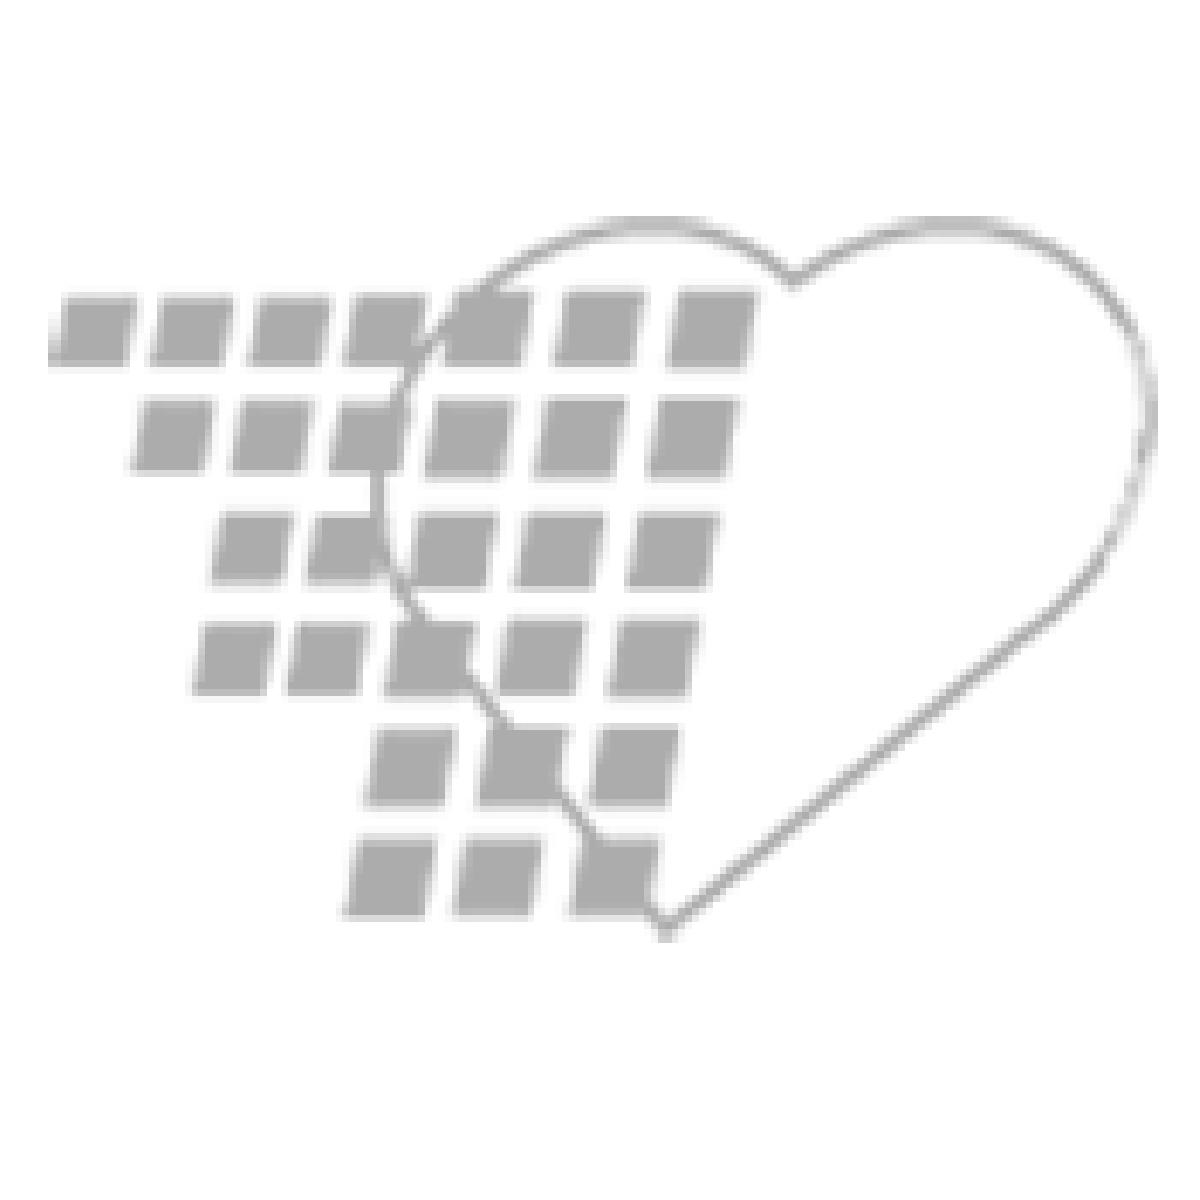 02-73-353-WH - Metalite II   Reusable Penlight-White